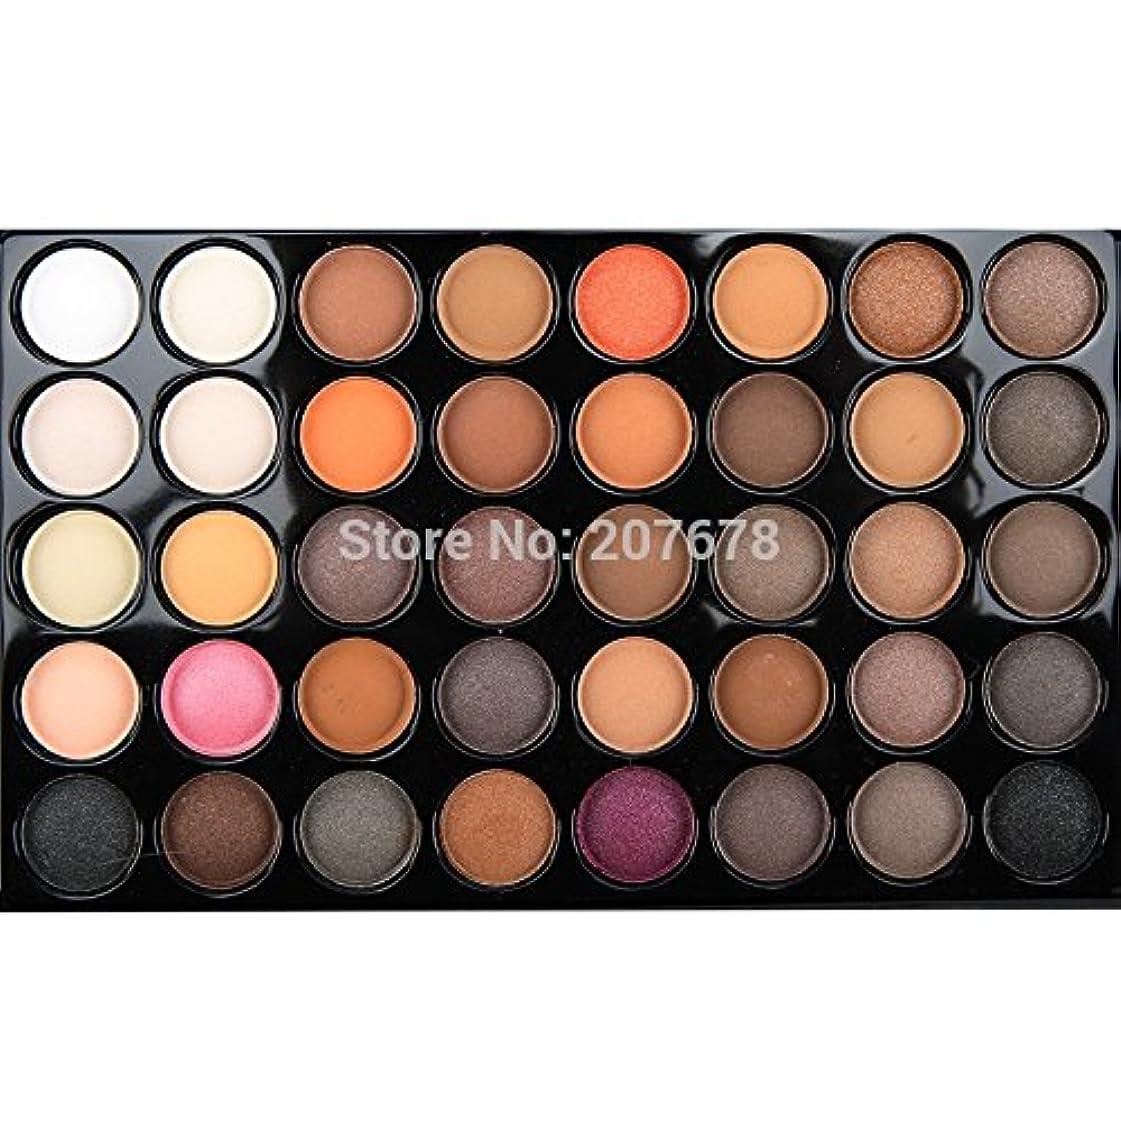 マージンブレーク残忍な40 Color Matte Eyeshadow Pallete Make Up Palette Eye Shadow Glitter Natural Easy to Wear Waterproof Lasting Makeup Pallete